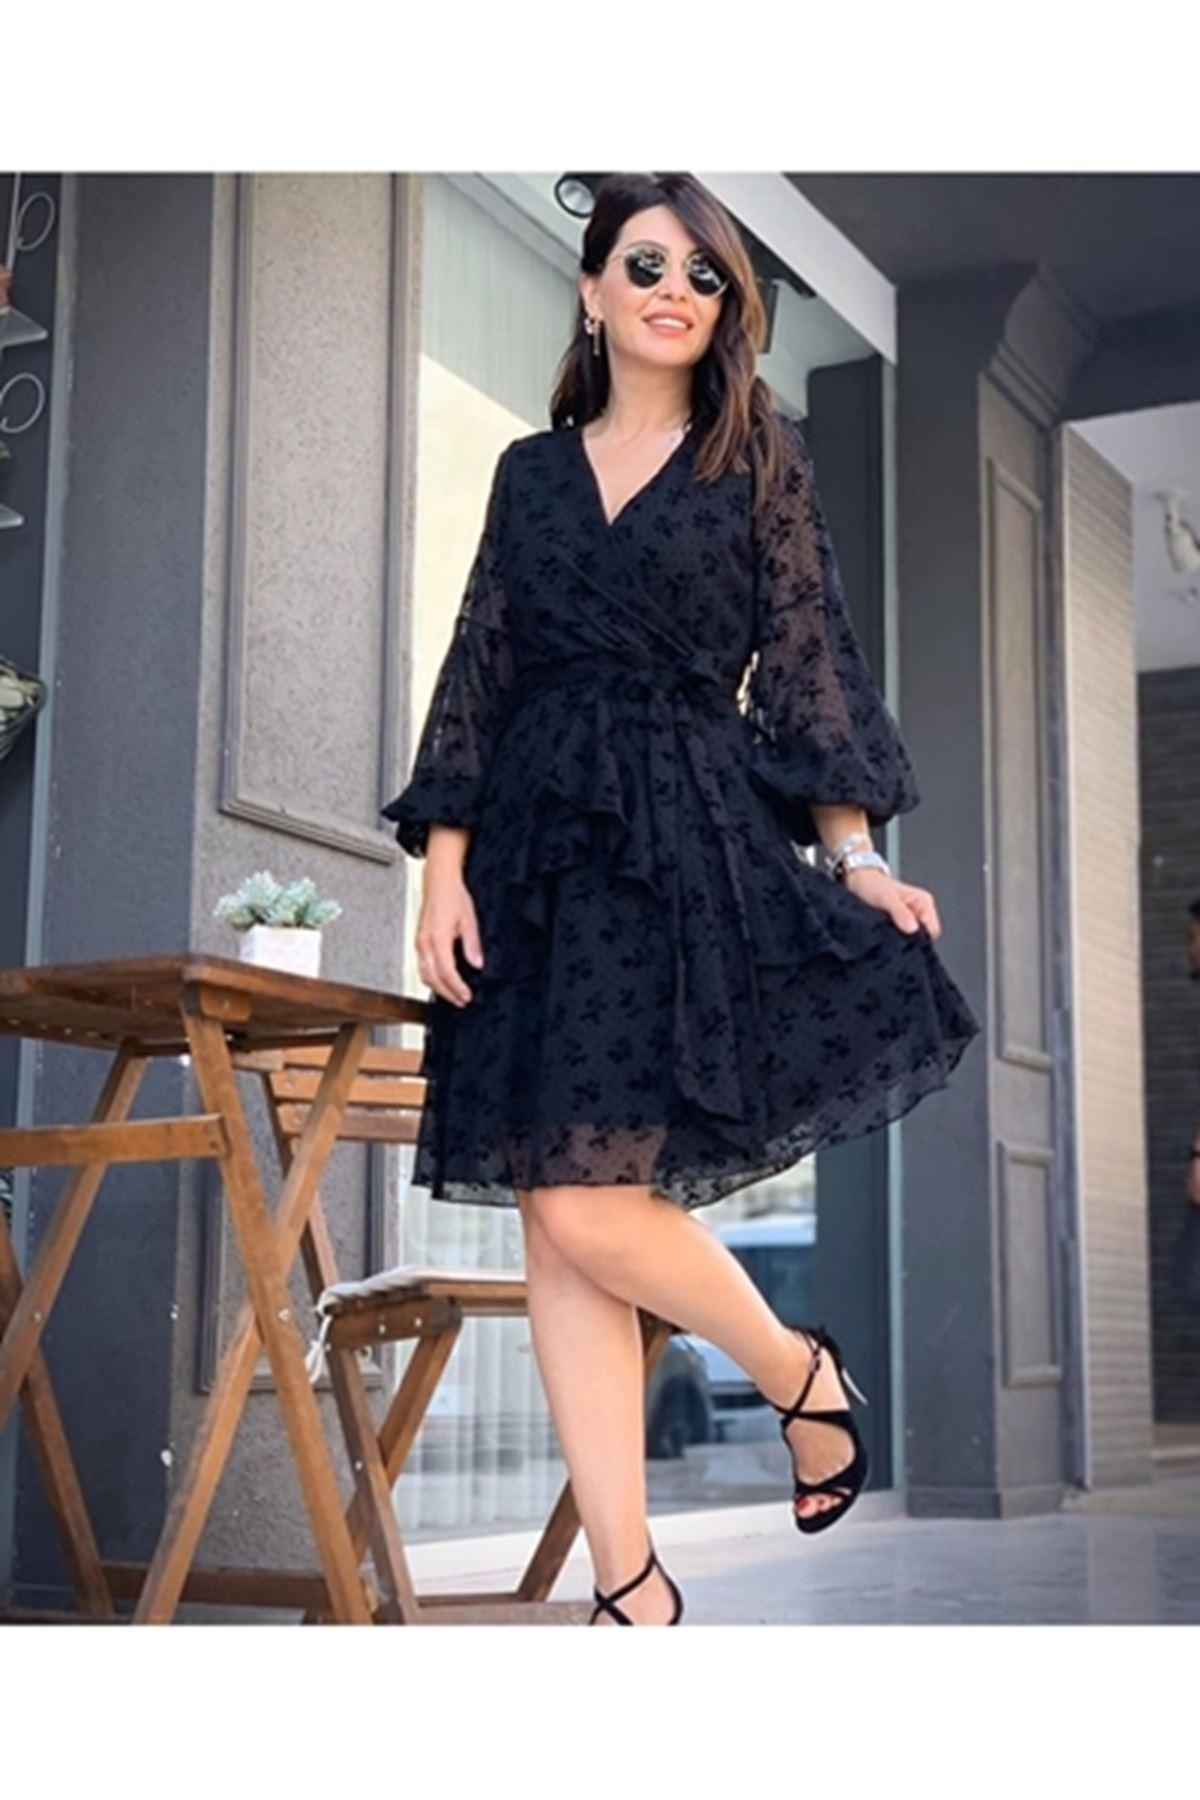 Flog baskılı kravuze elbise SİYAH